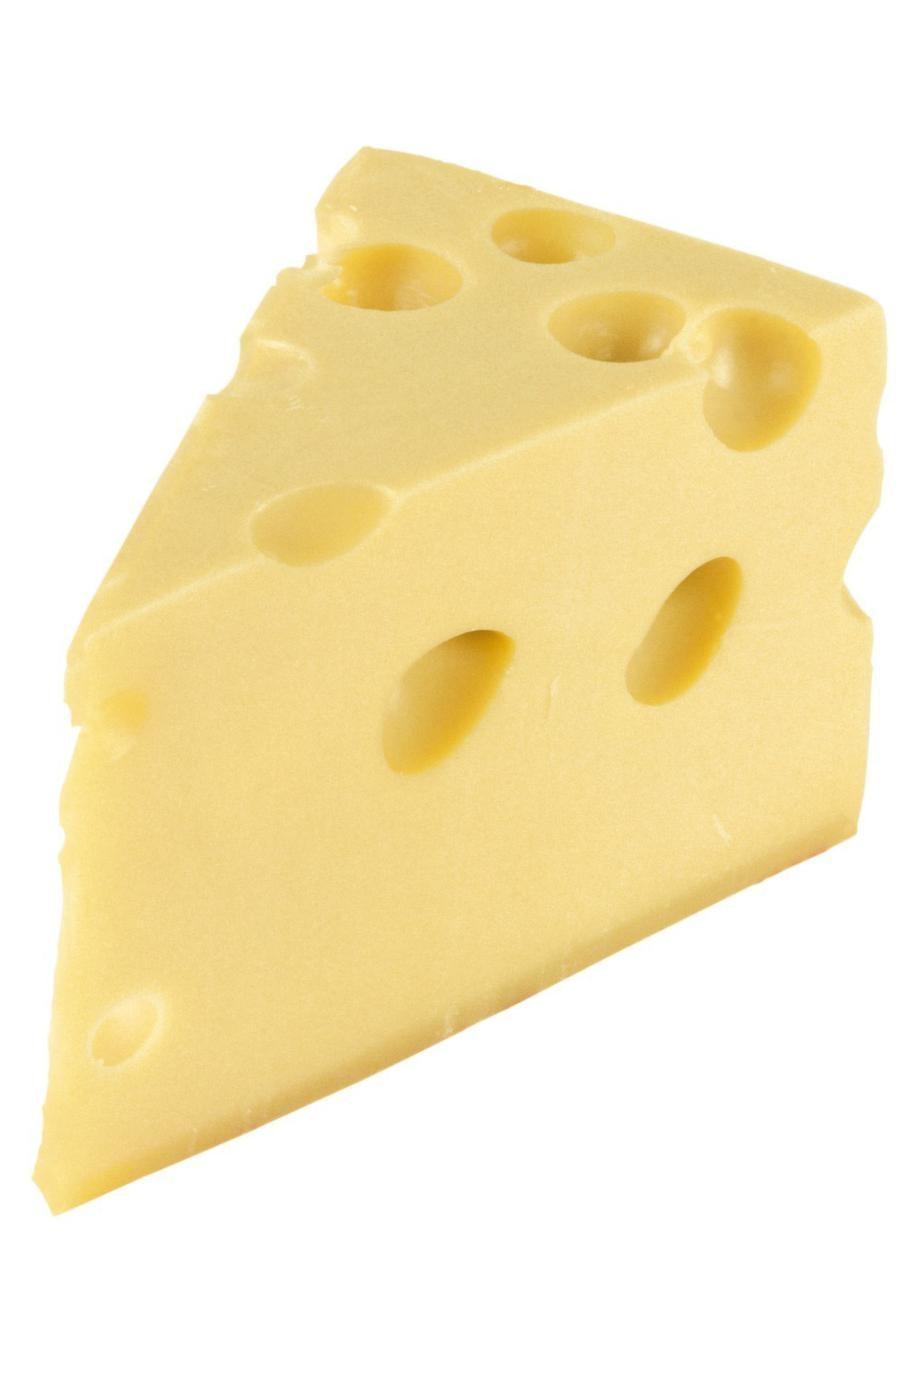 Ost innehåller D-vitamin.